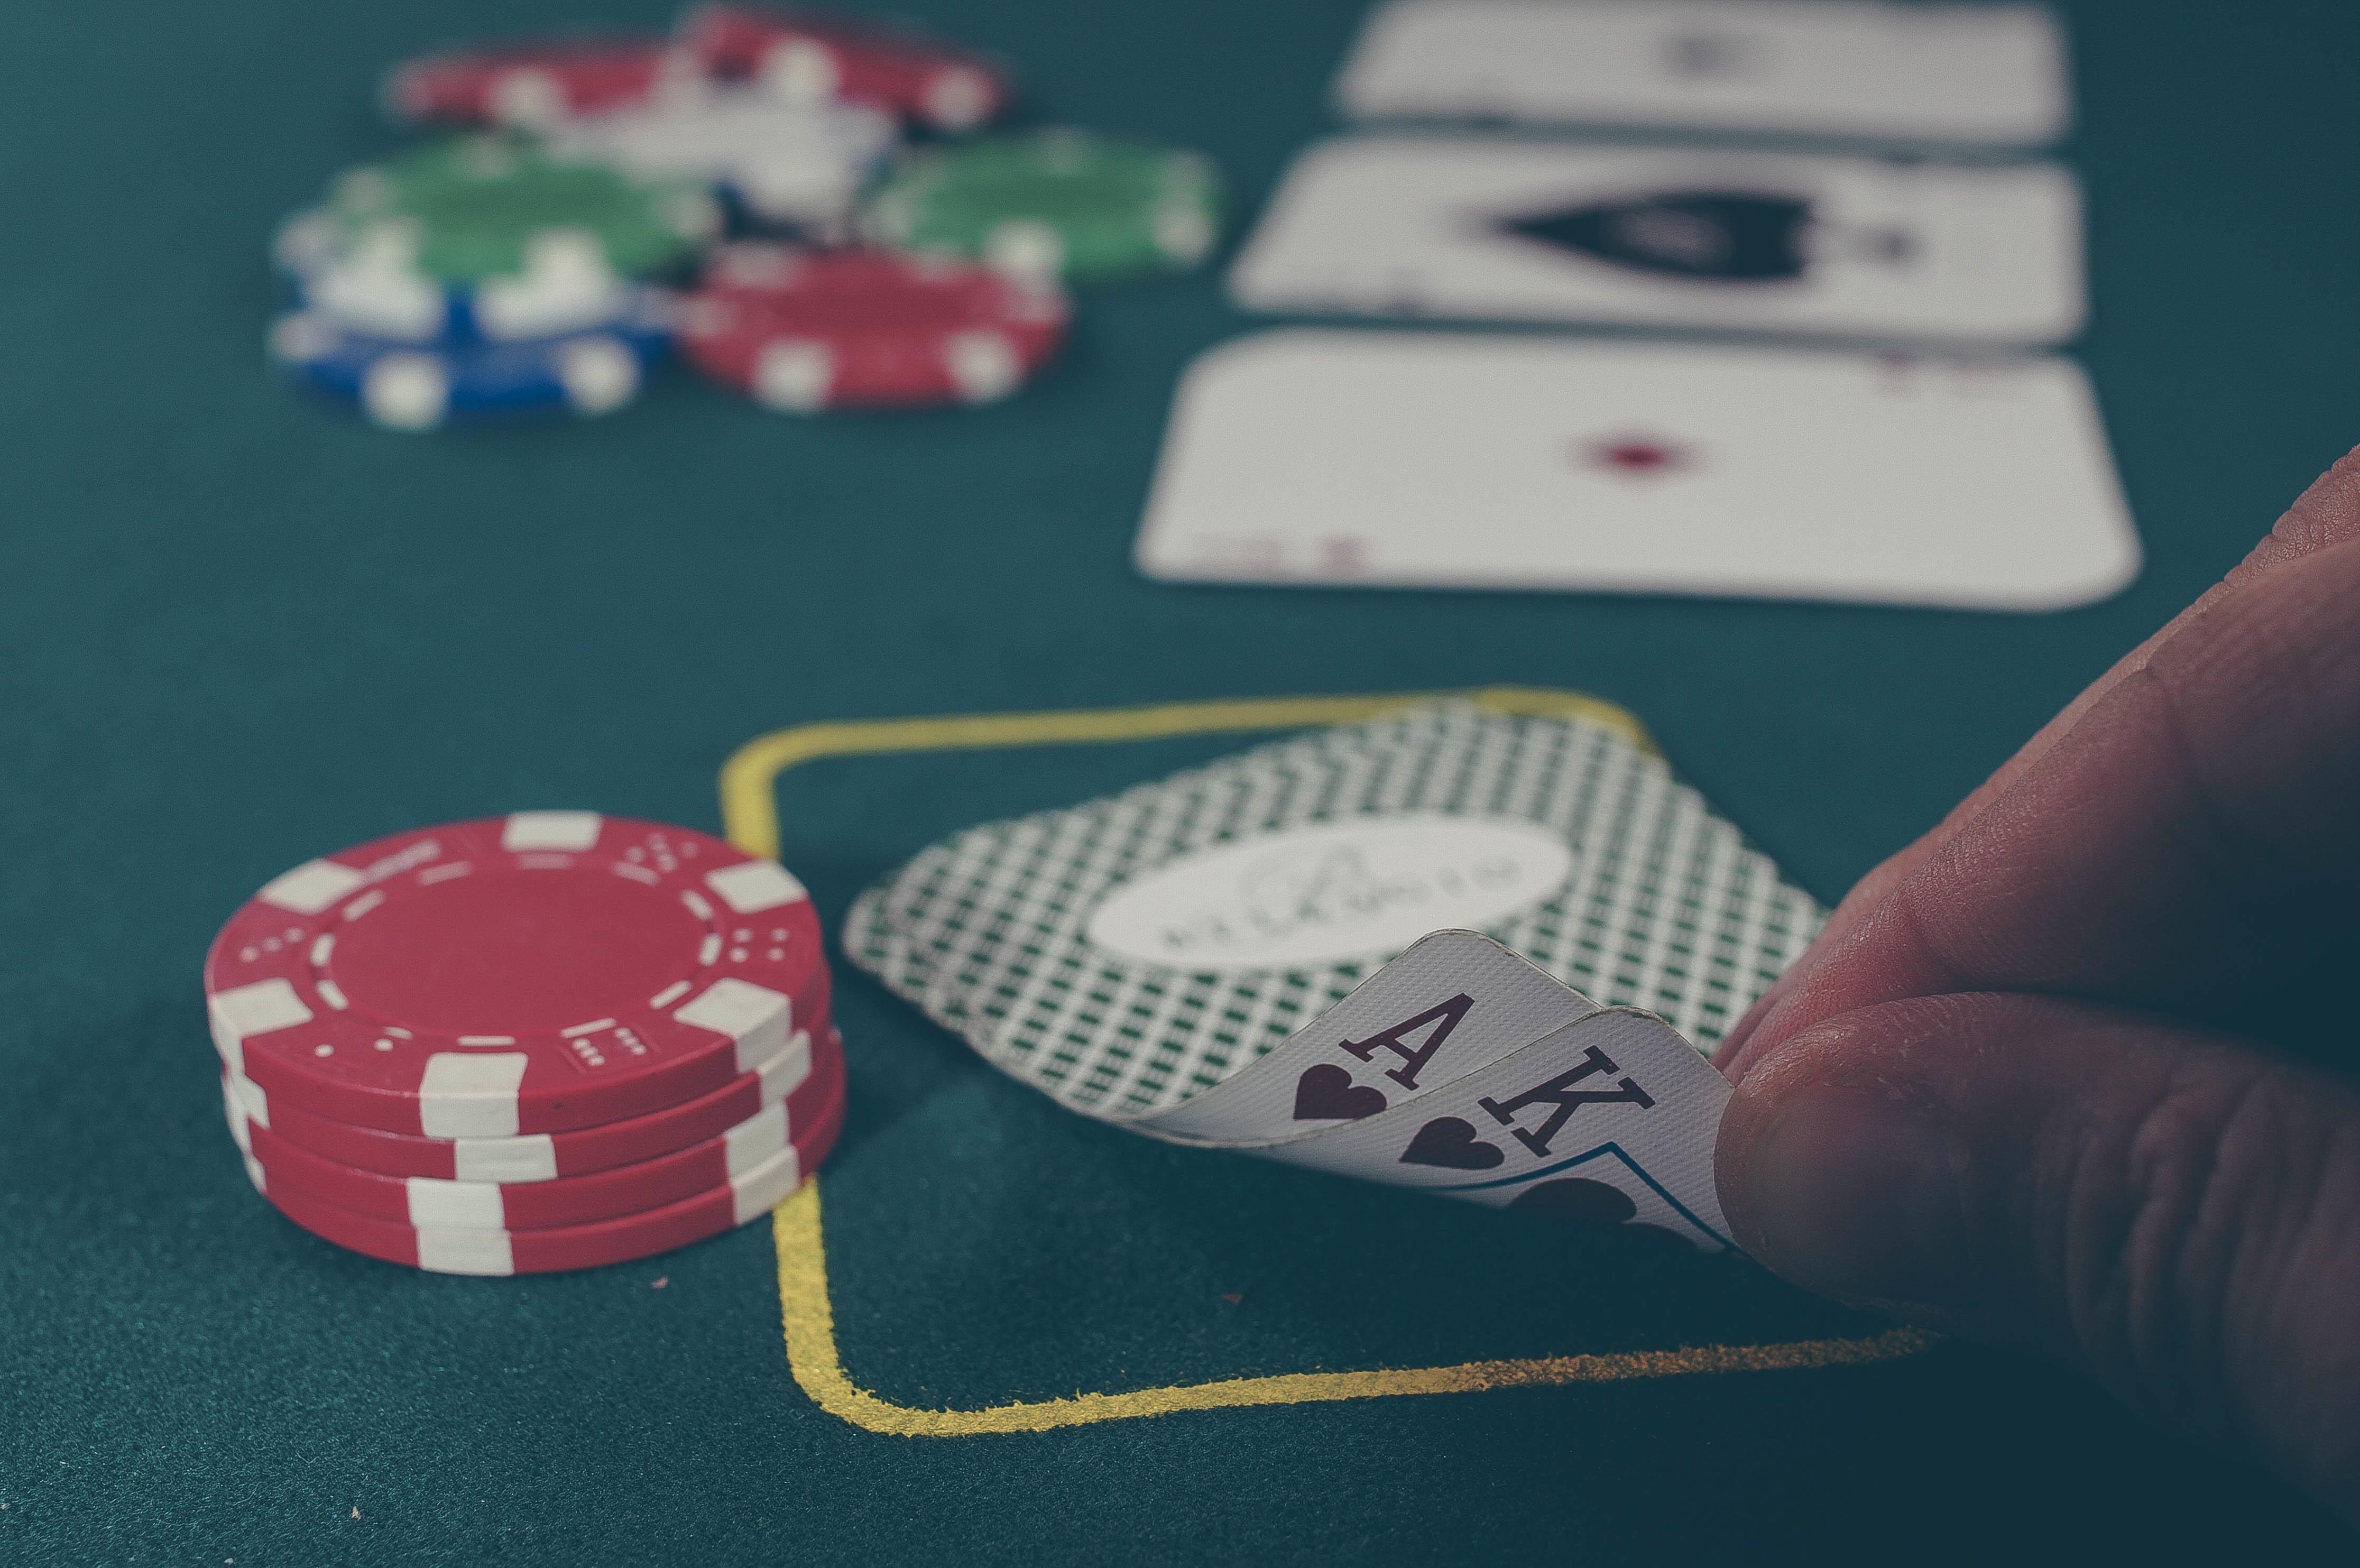 recreation-ace-gamble-king-gambling-games-poker-card-game-22749.jpg